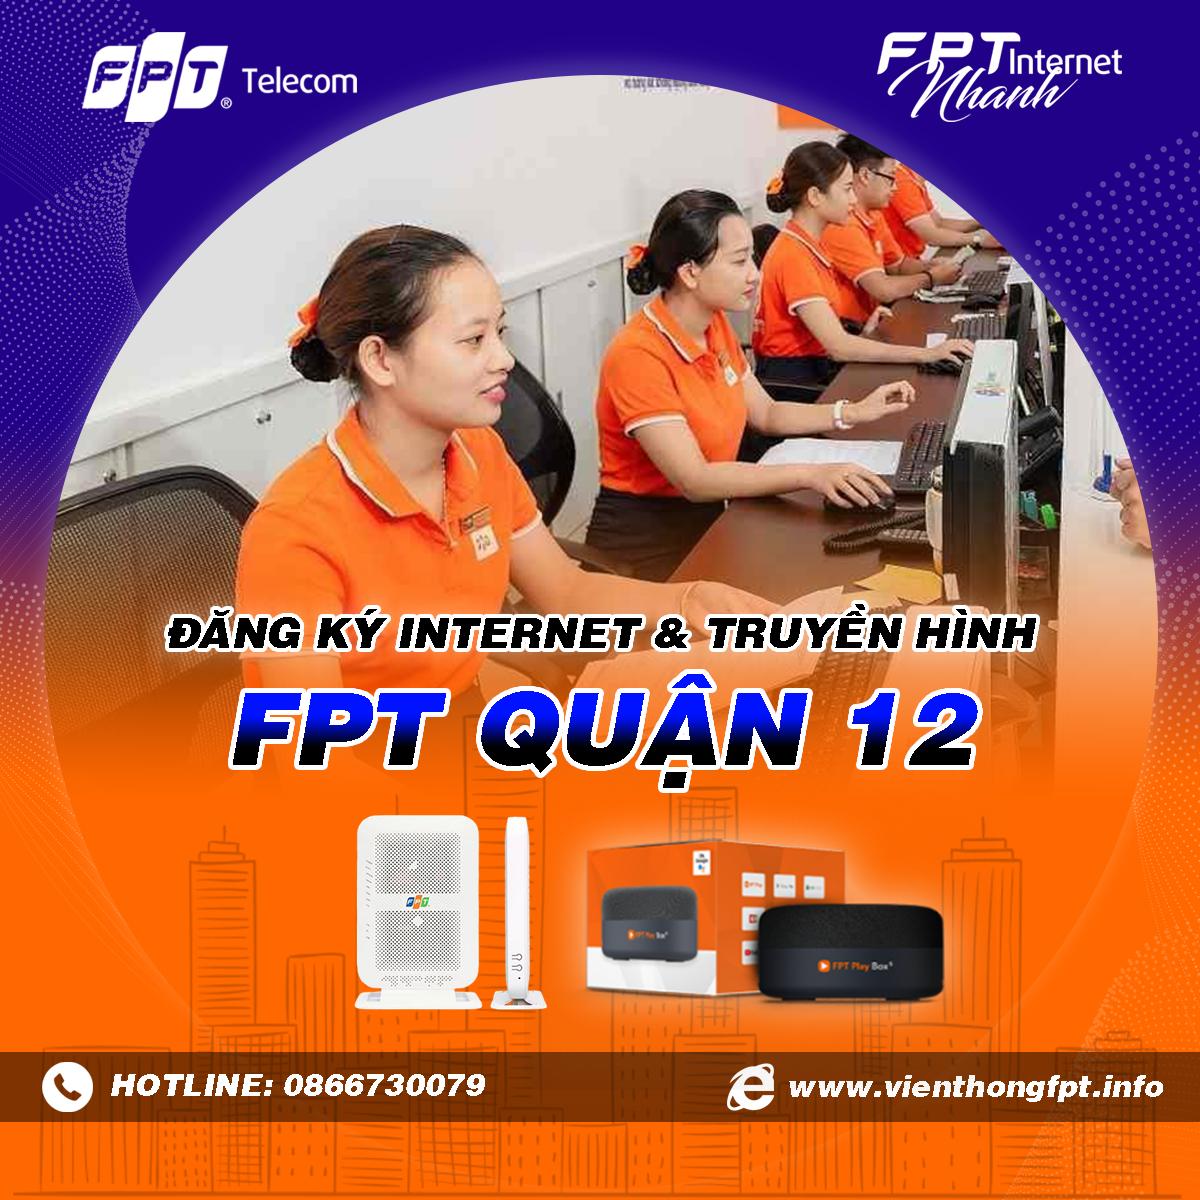 Chi nhánh FPT Quận 12 - Đăng ký lắp Internet và Truyền hình FPT